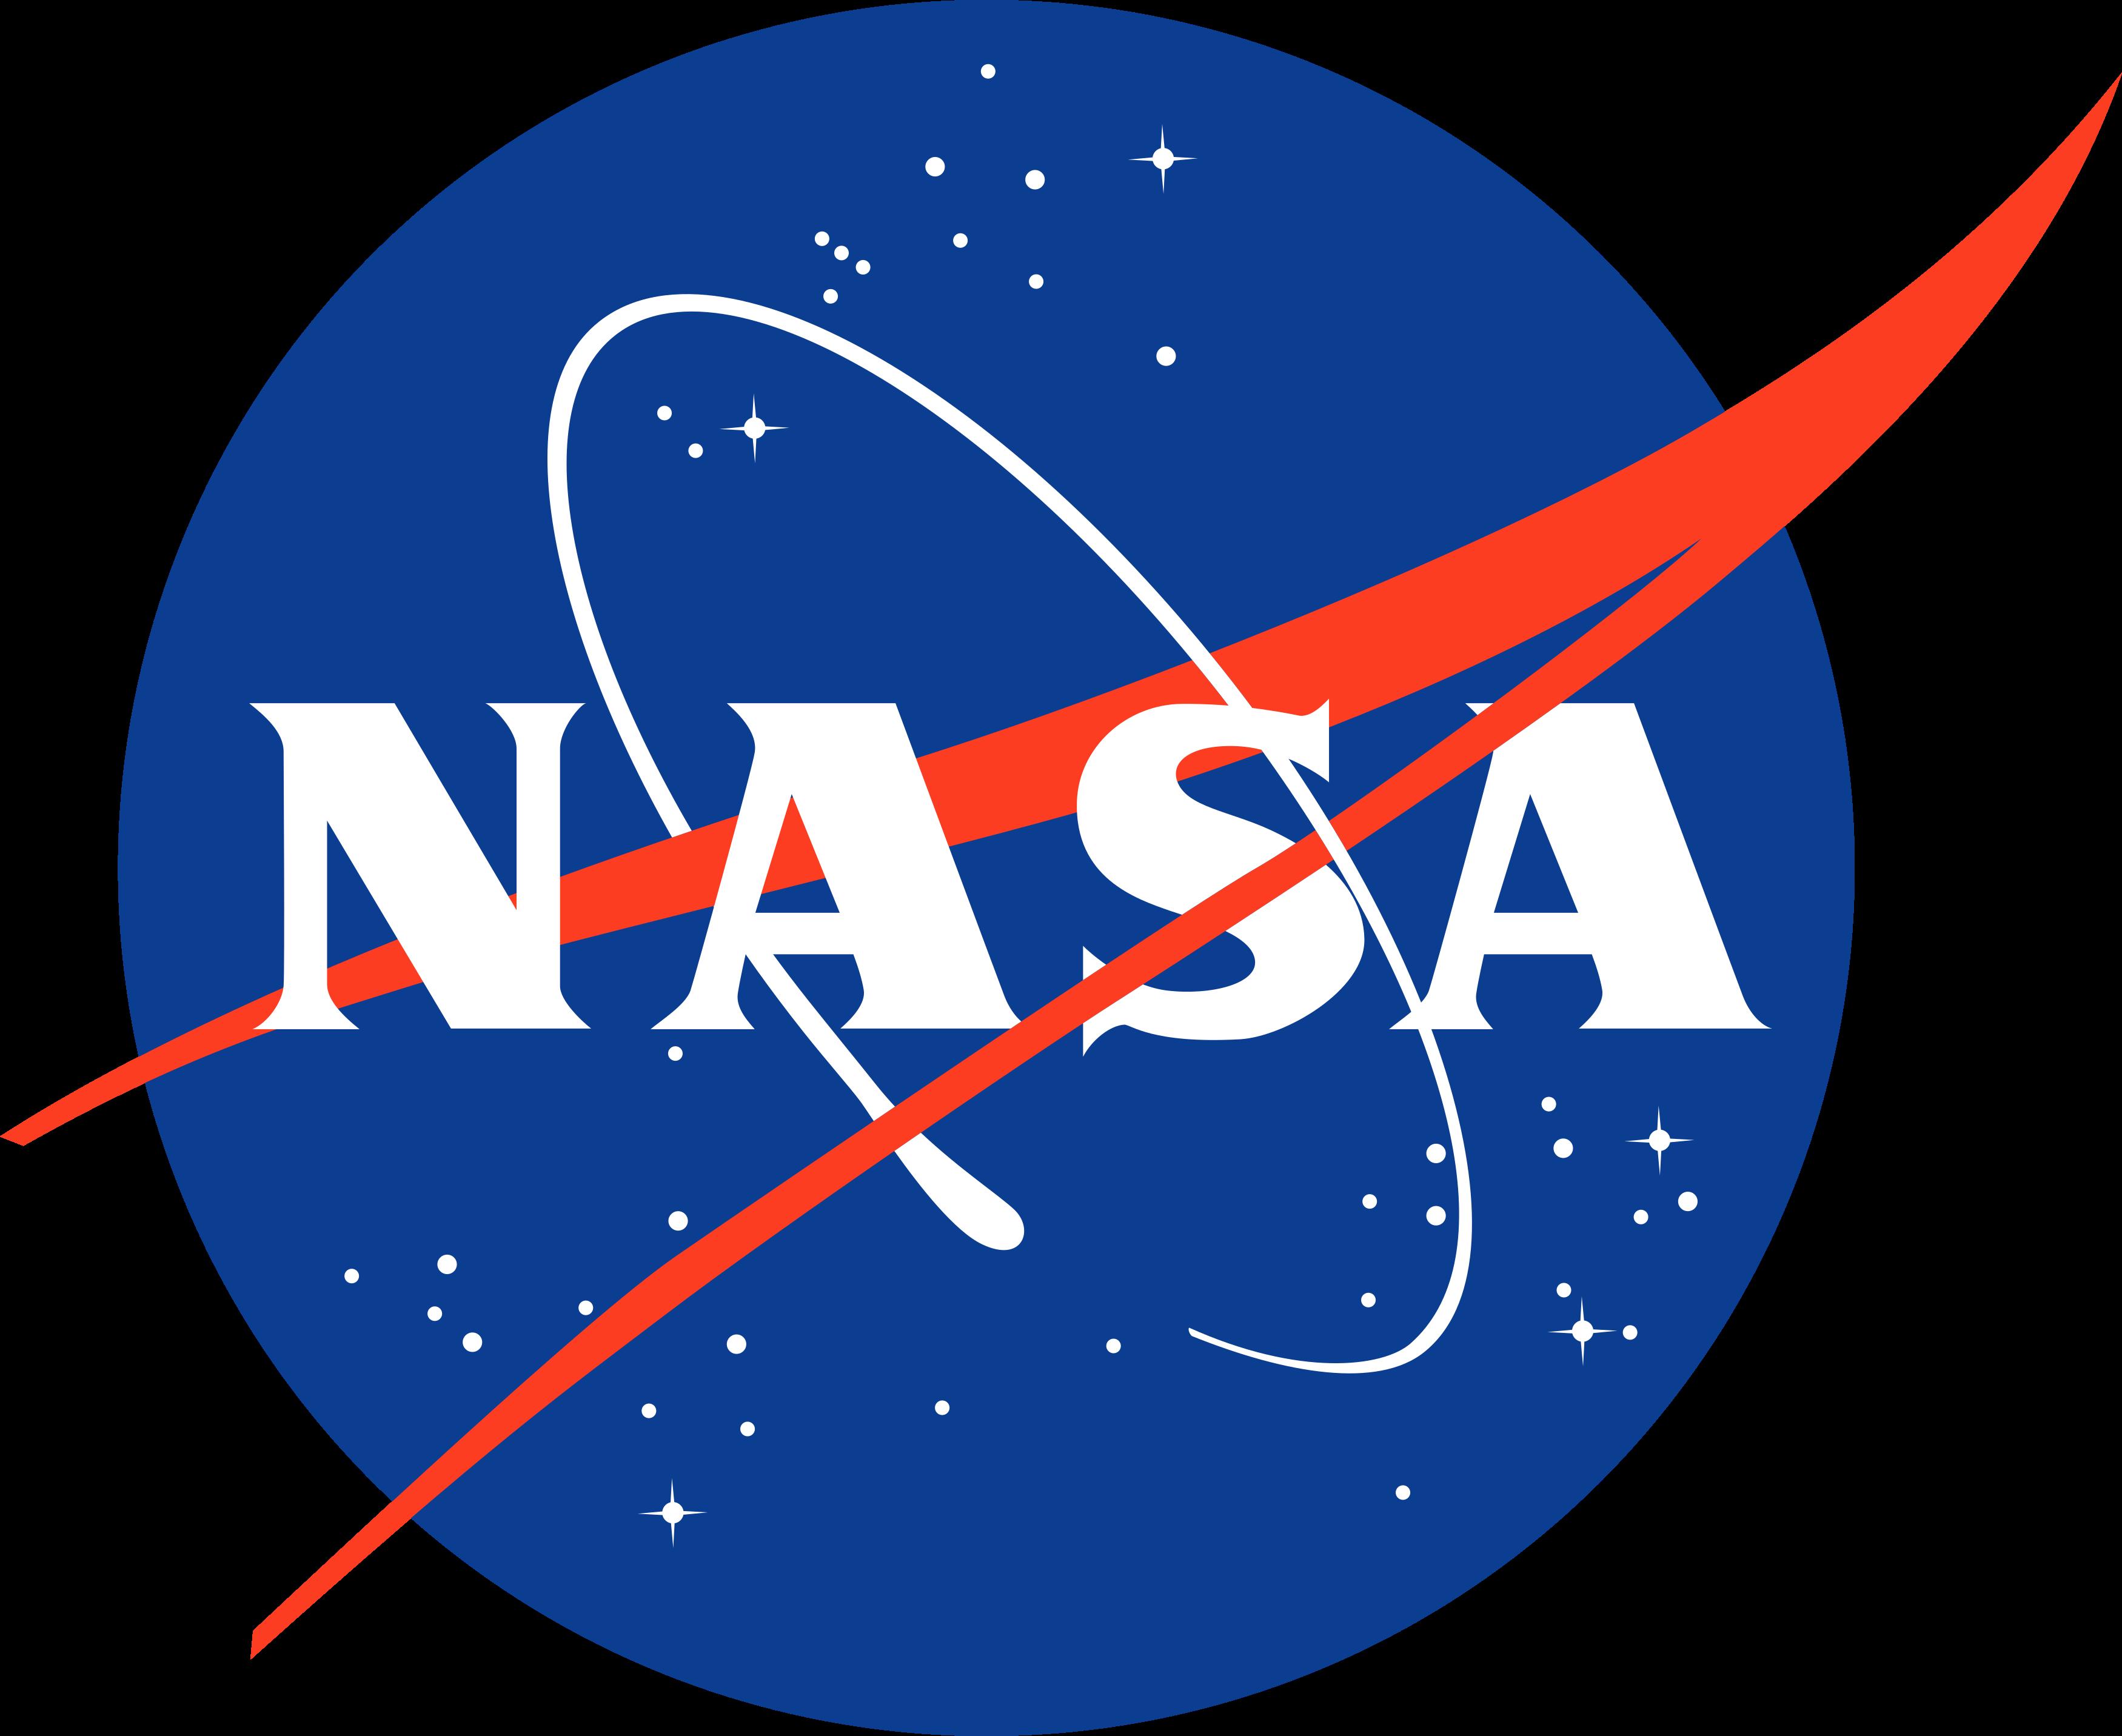 nasa logo - Nasa Logo